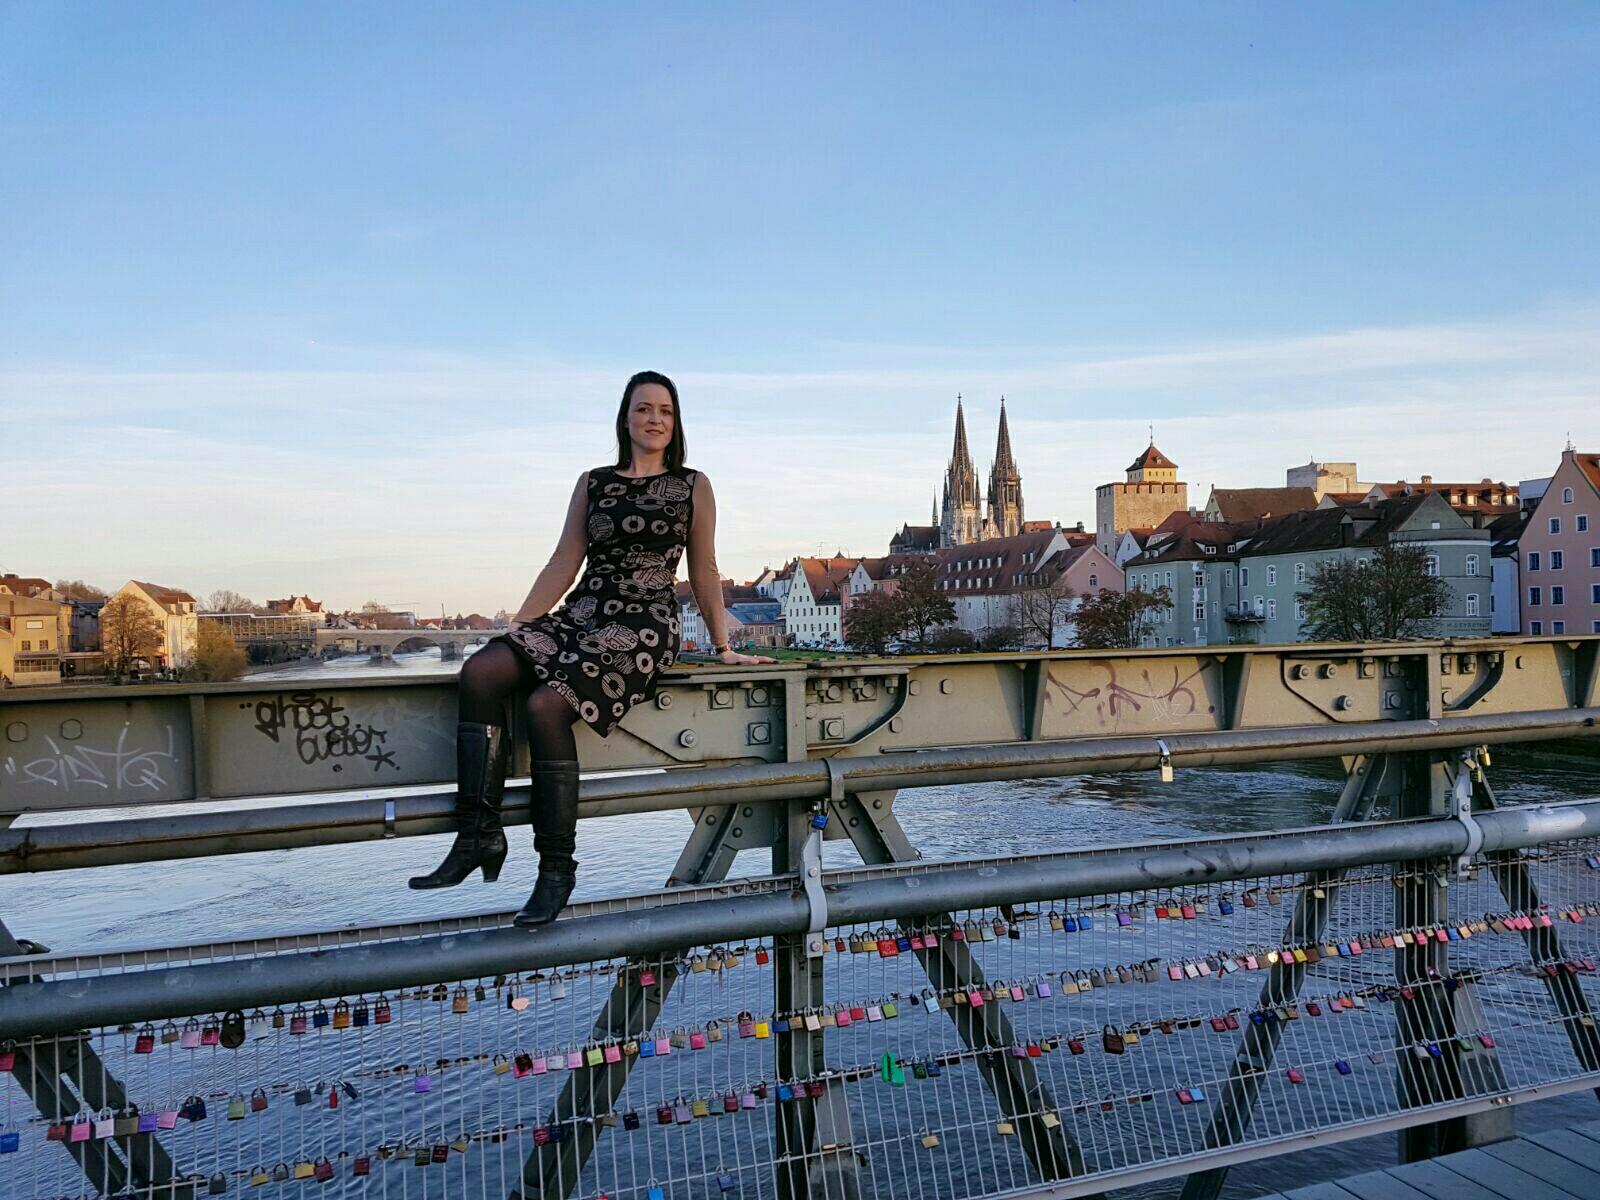 Im Jersey-Kleid und Shirt auf dem Brückengeländer über der Donau in orange Licht des Sonnenuntergangs getunkt. Im Hintergrund das Donauufer von Regensburg mit den beiden markanten Domspitzen von Regensburg